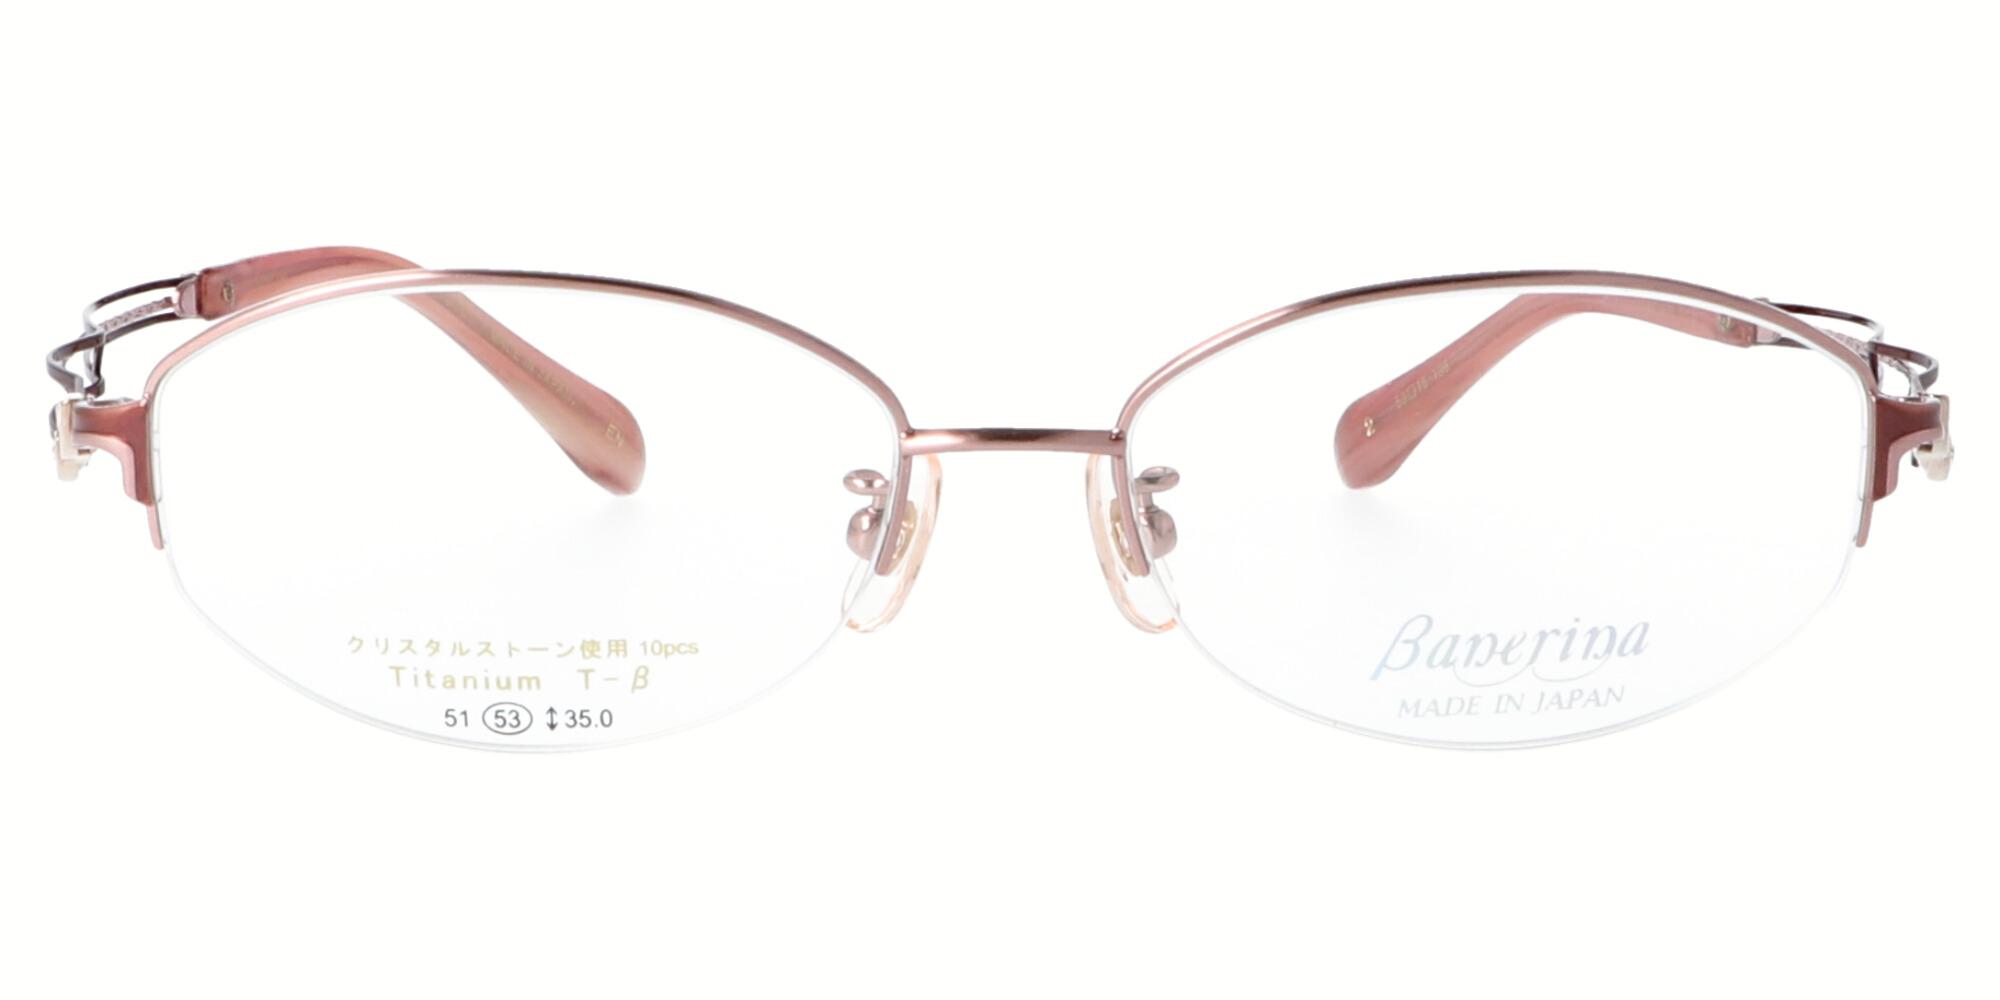 バネリーナ BA1030_53_ヘアラインピンク/ピンクブラウン